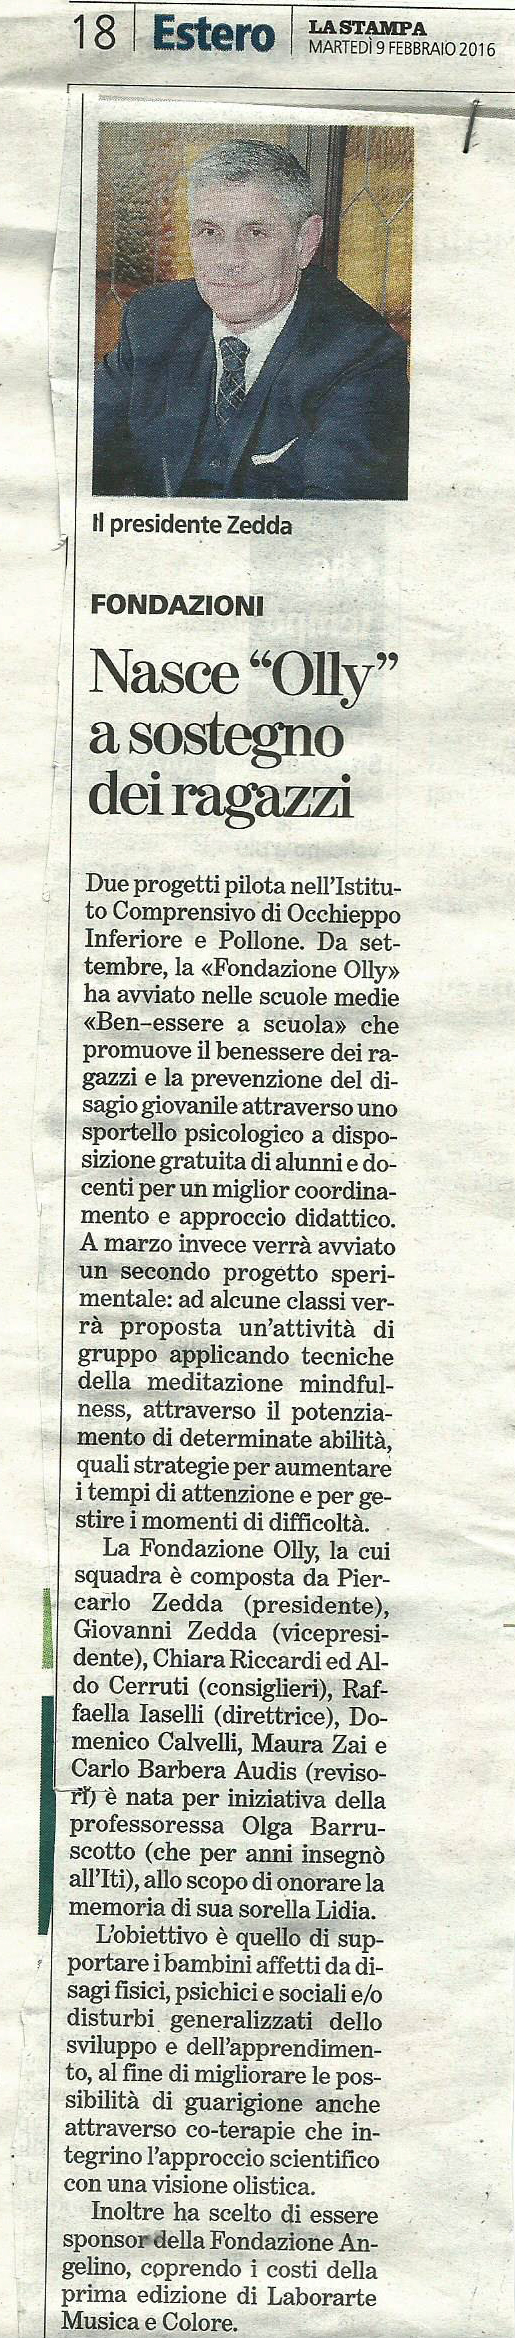 Articolo La Stampa 9.02.'16